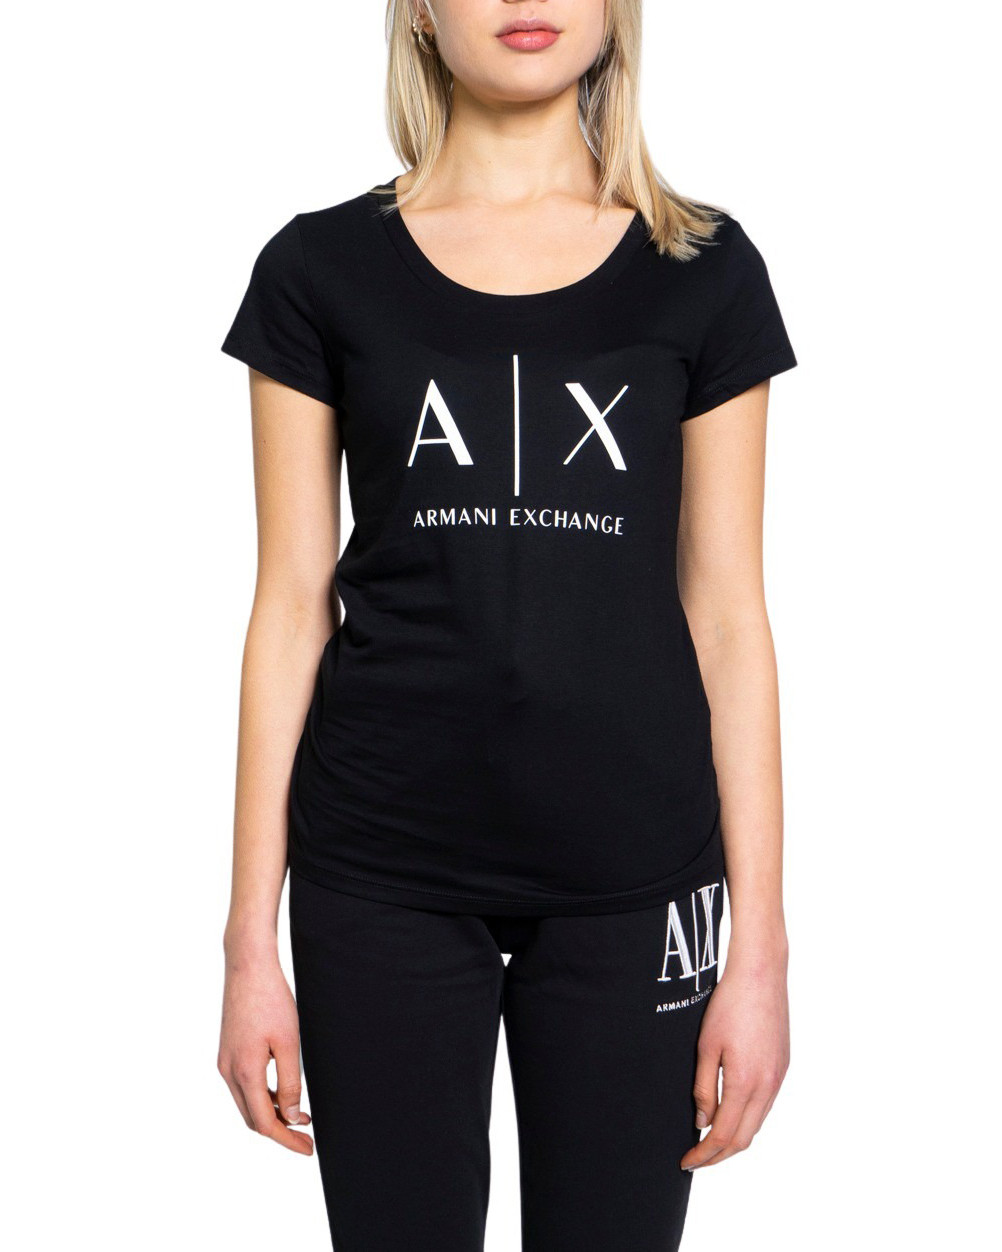 Marchio Armani Exchange Genere Donna Tipologia T-shirt Stagione Primavera/E…